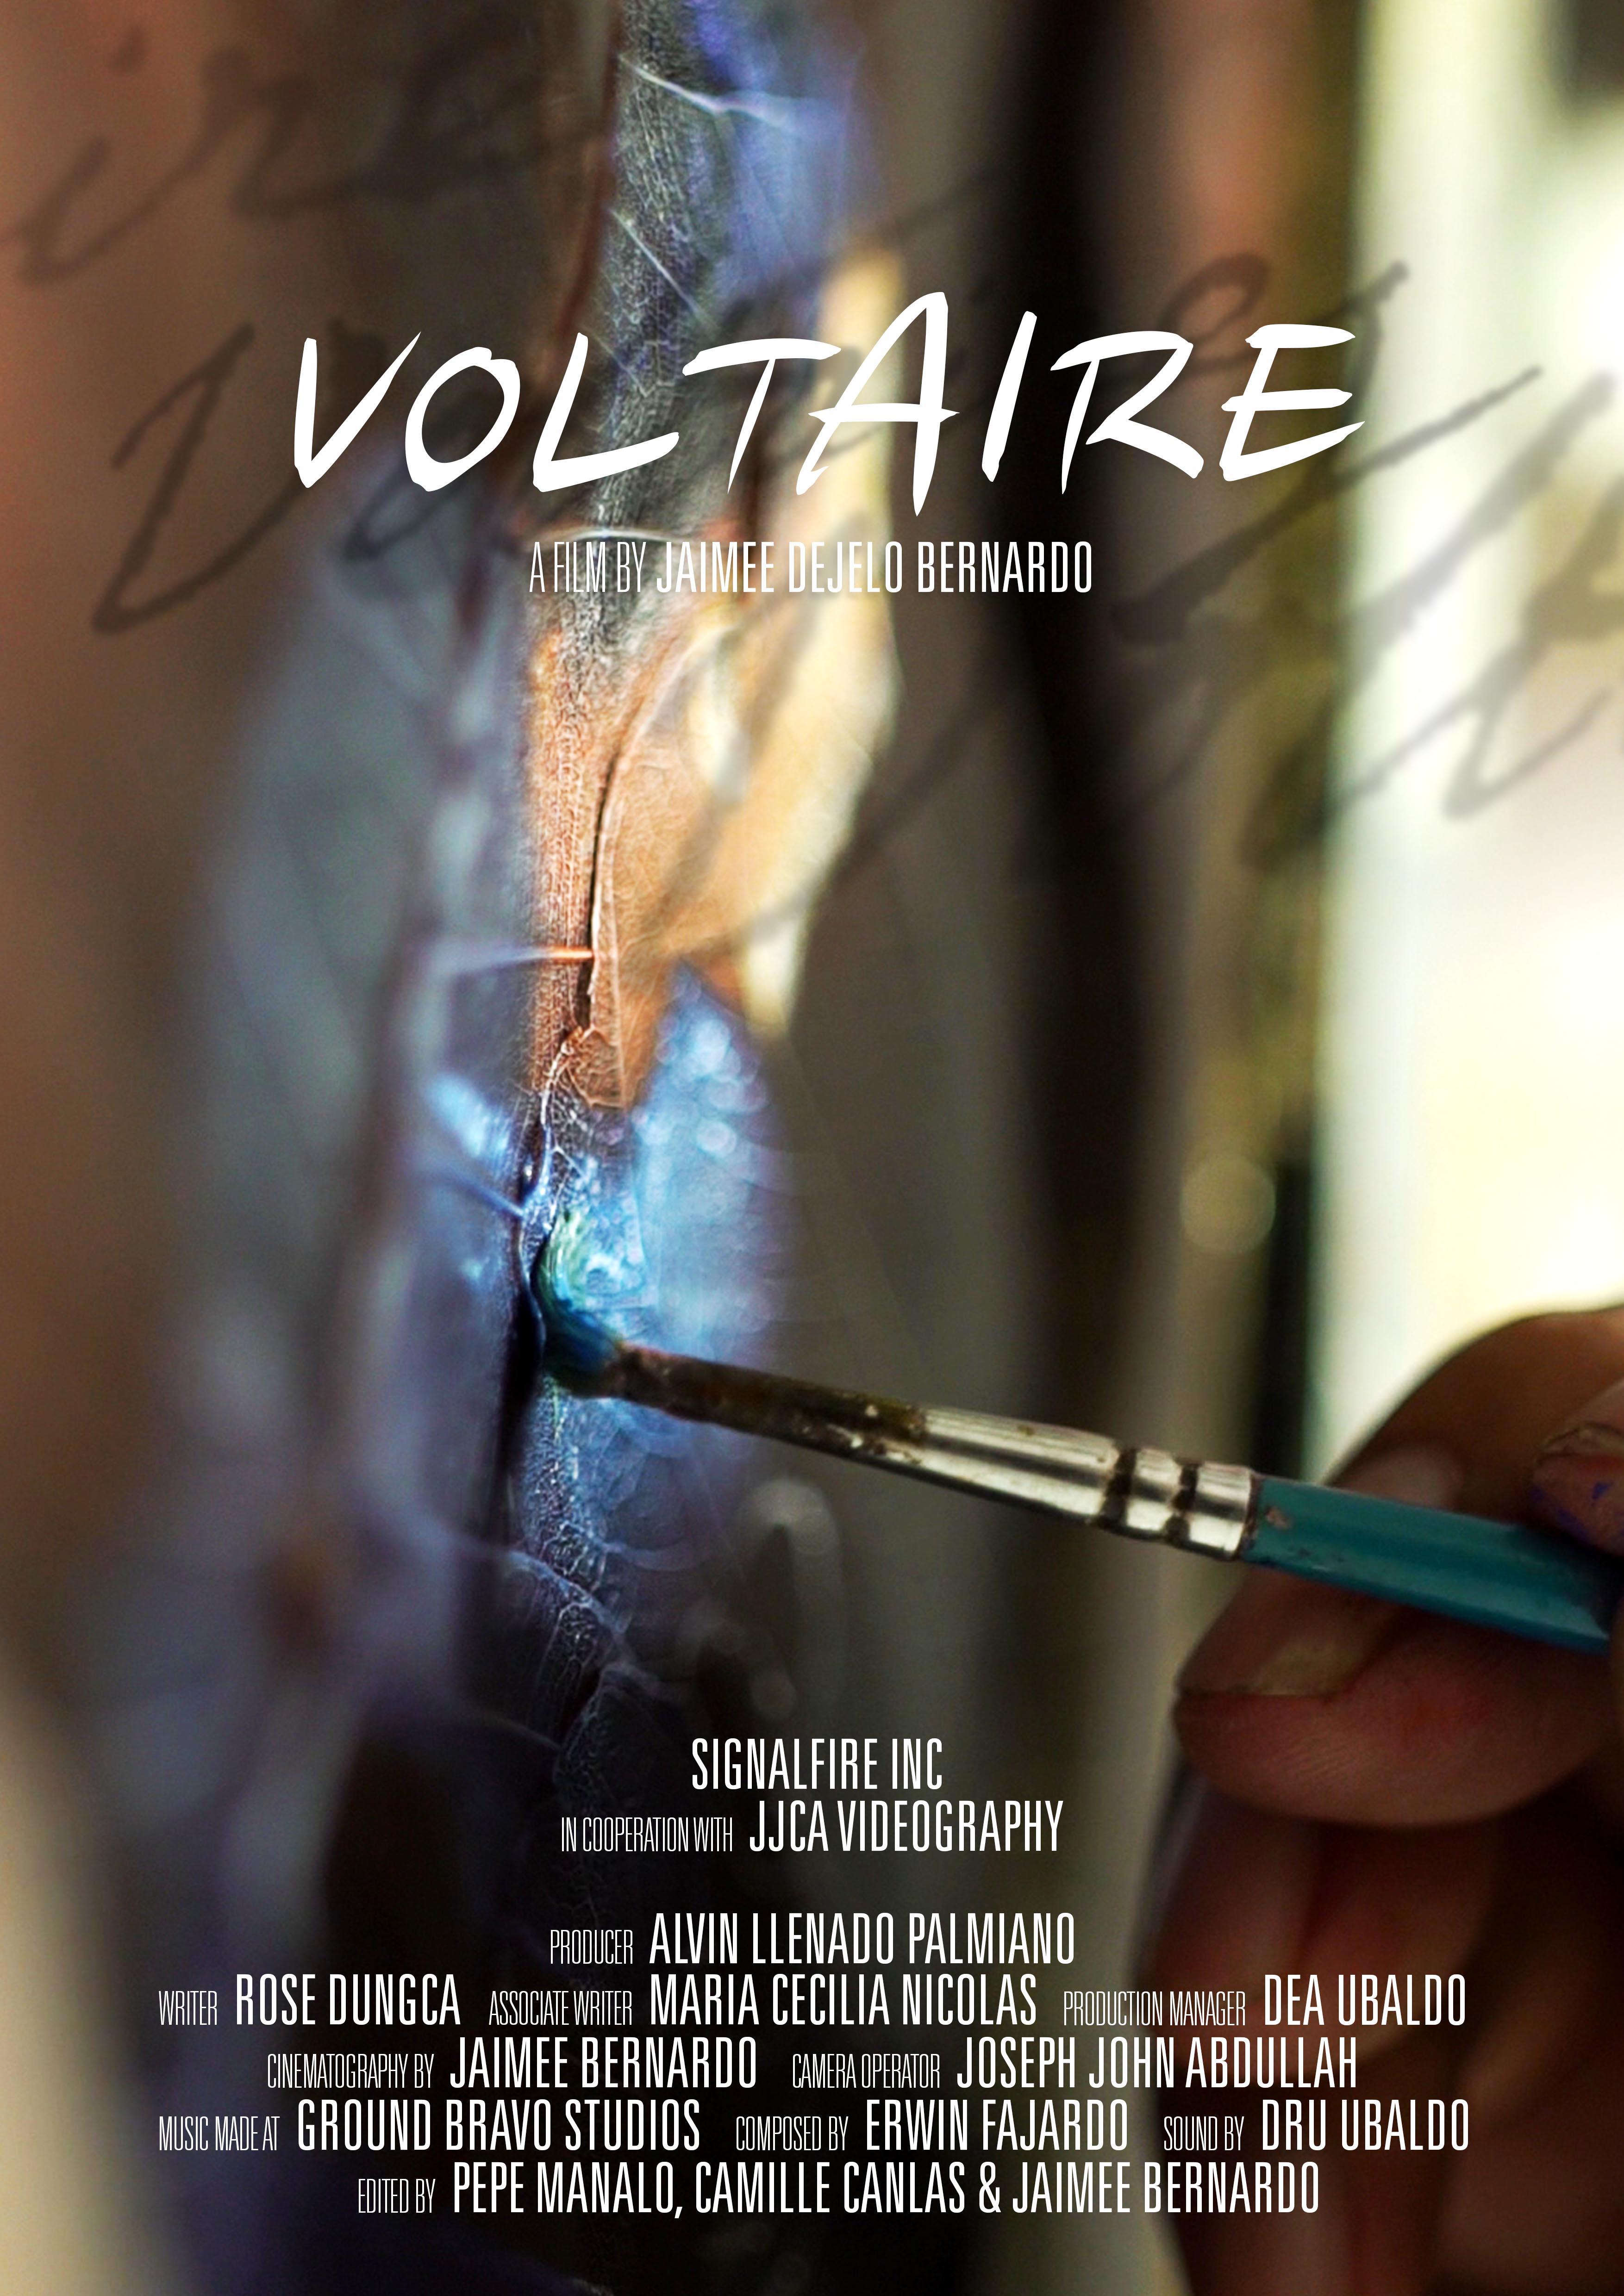 Voltaire Imdb 2018 >> Voltaire 2018 Imdb